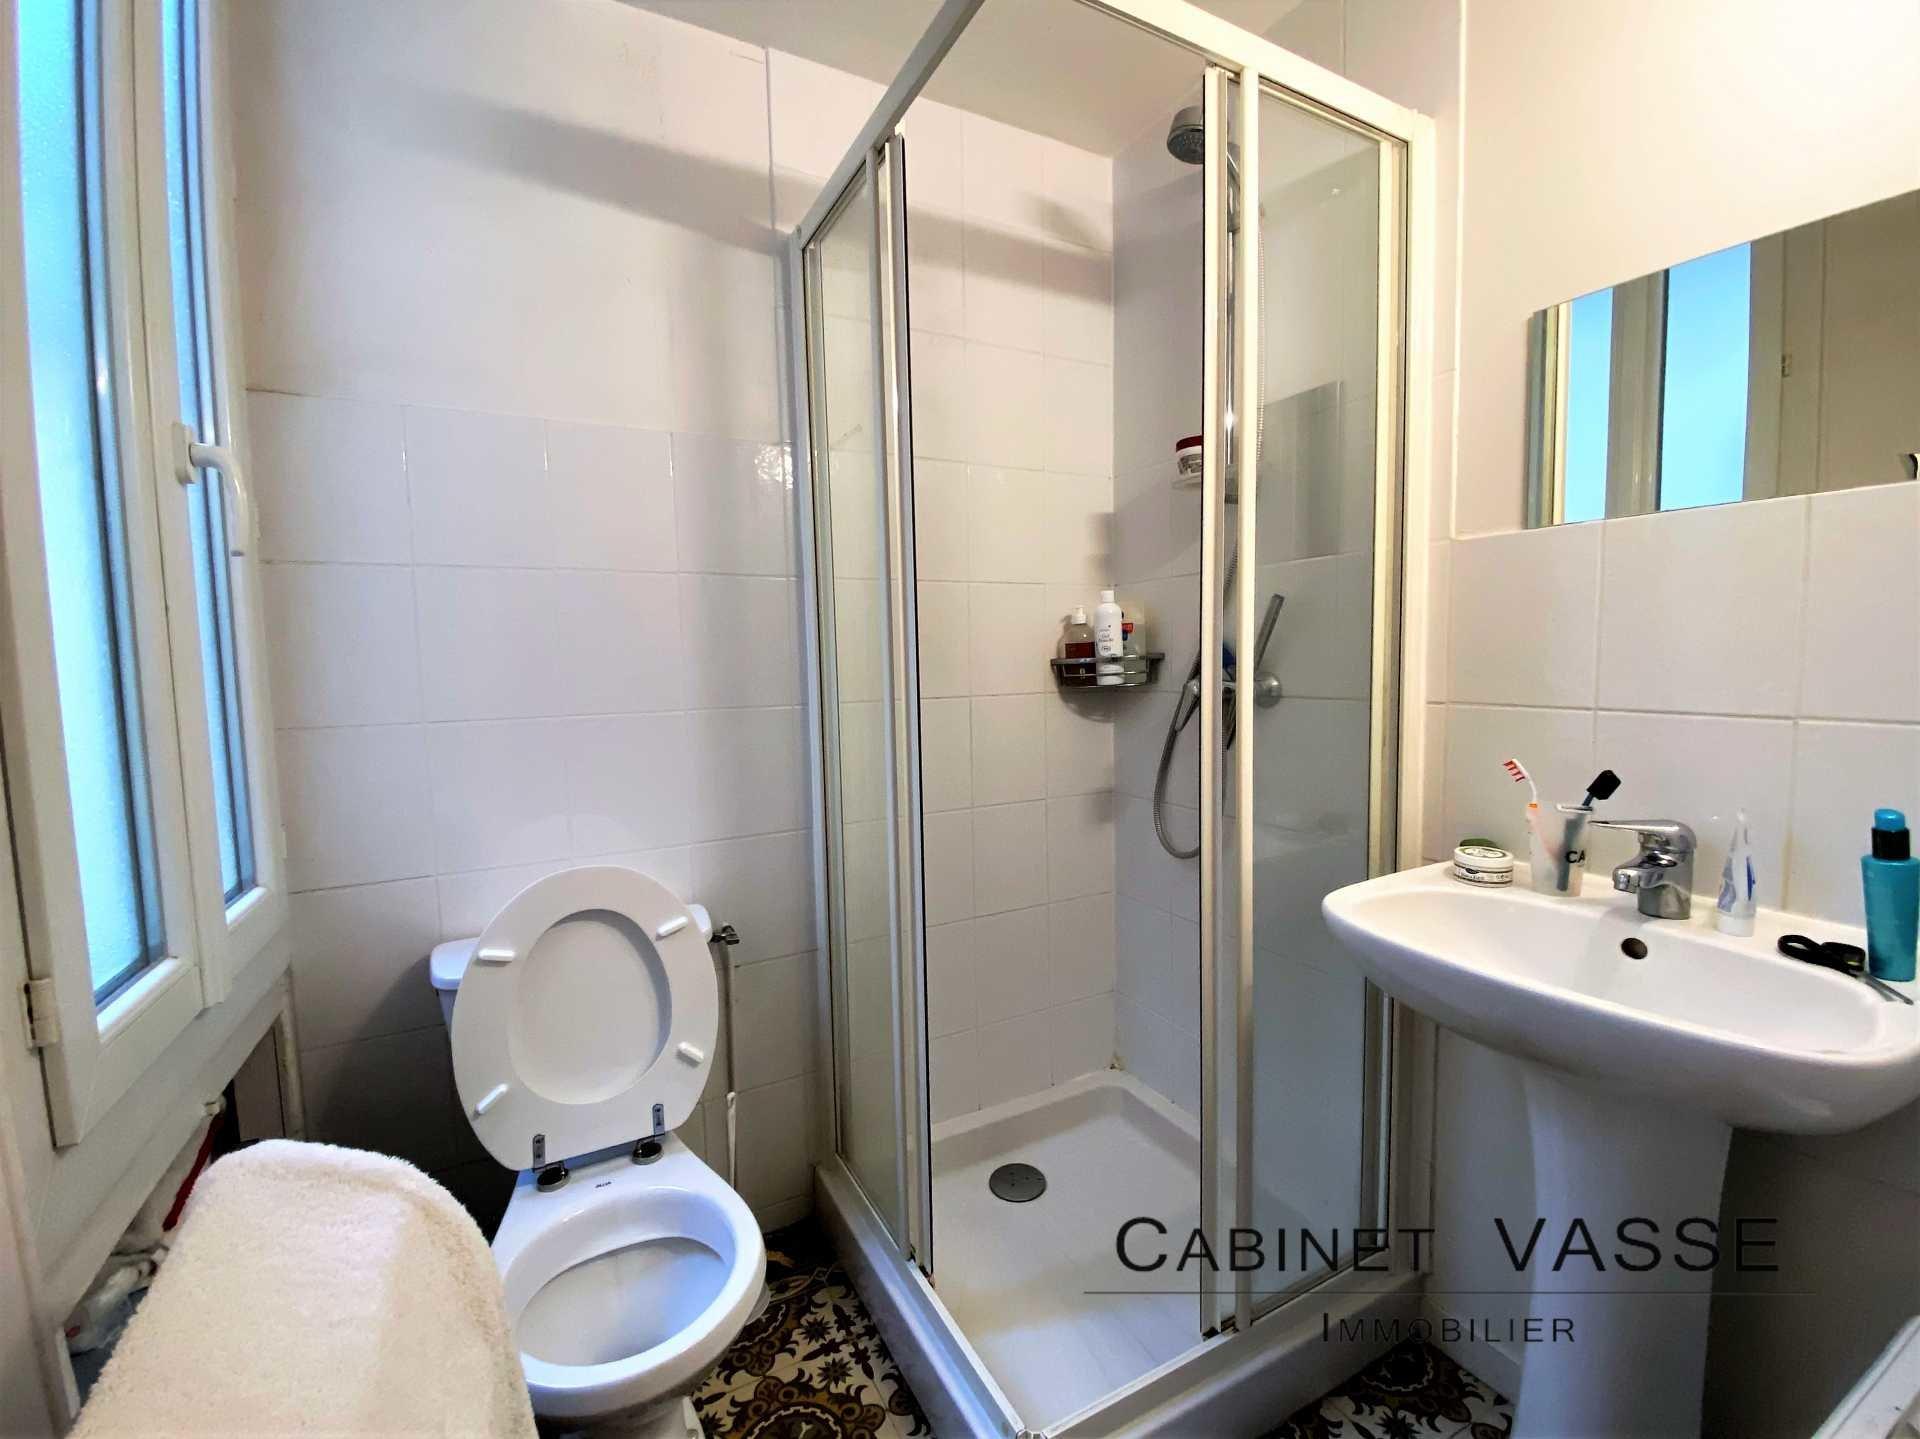 studio, salle d'eau, douche, WC, centre ancien, Caen, vasse, a louer